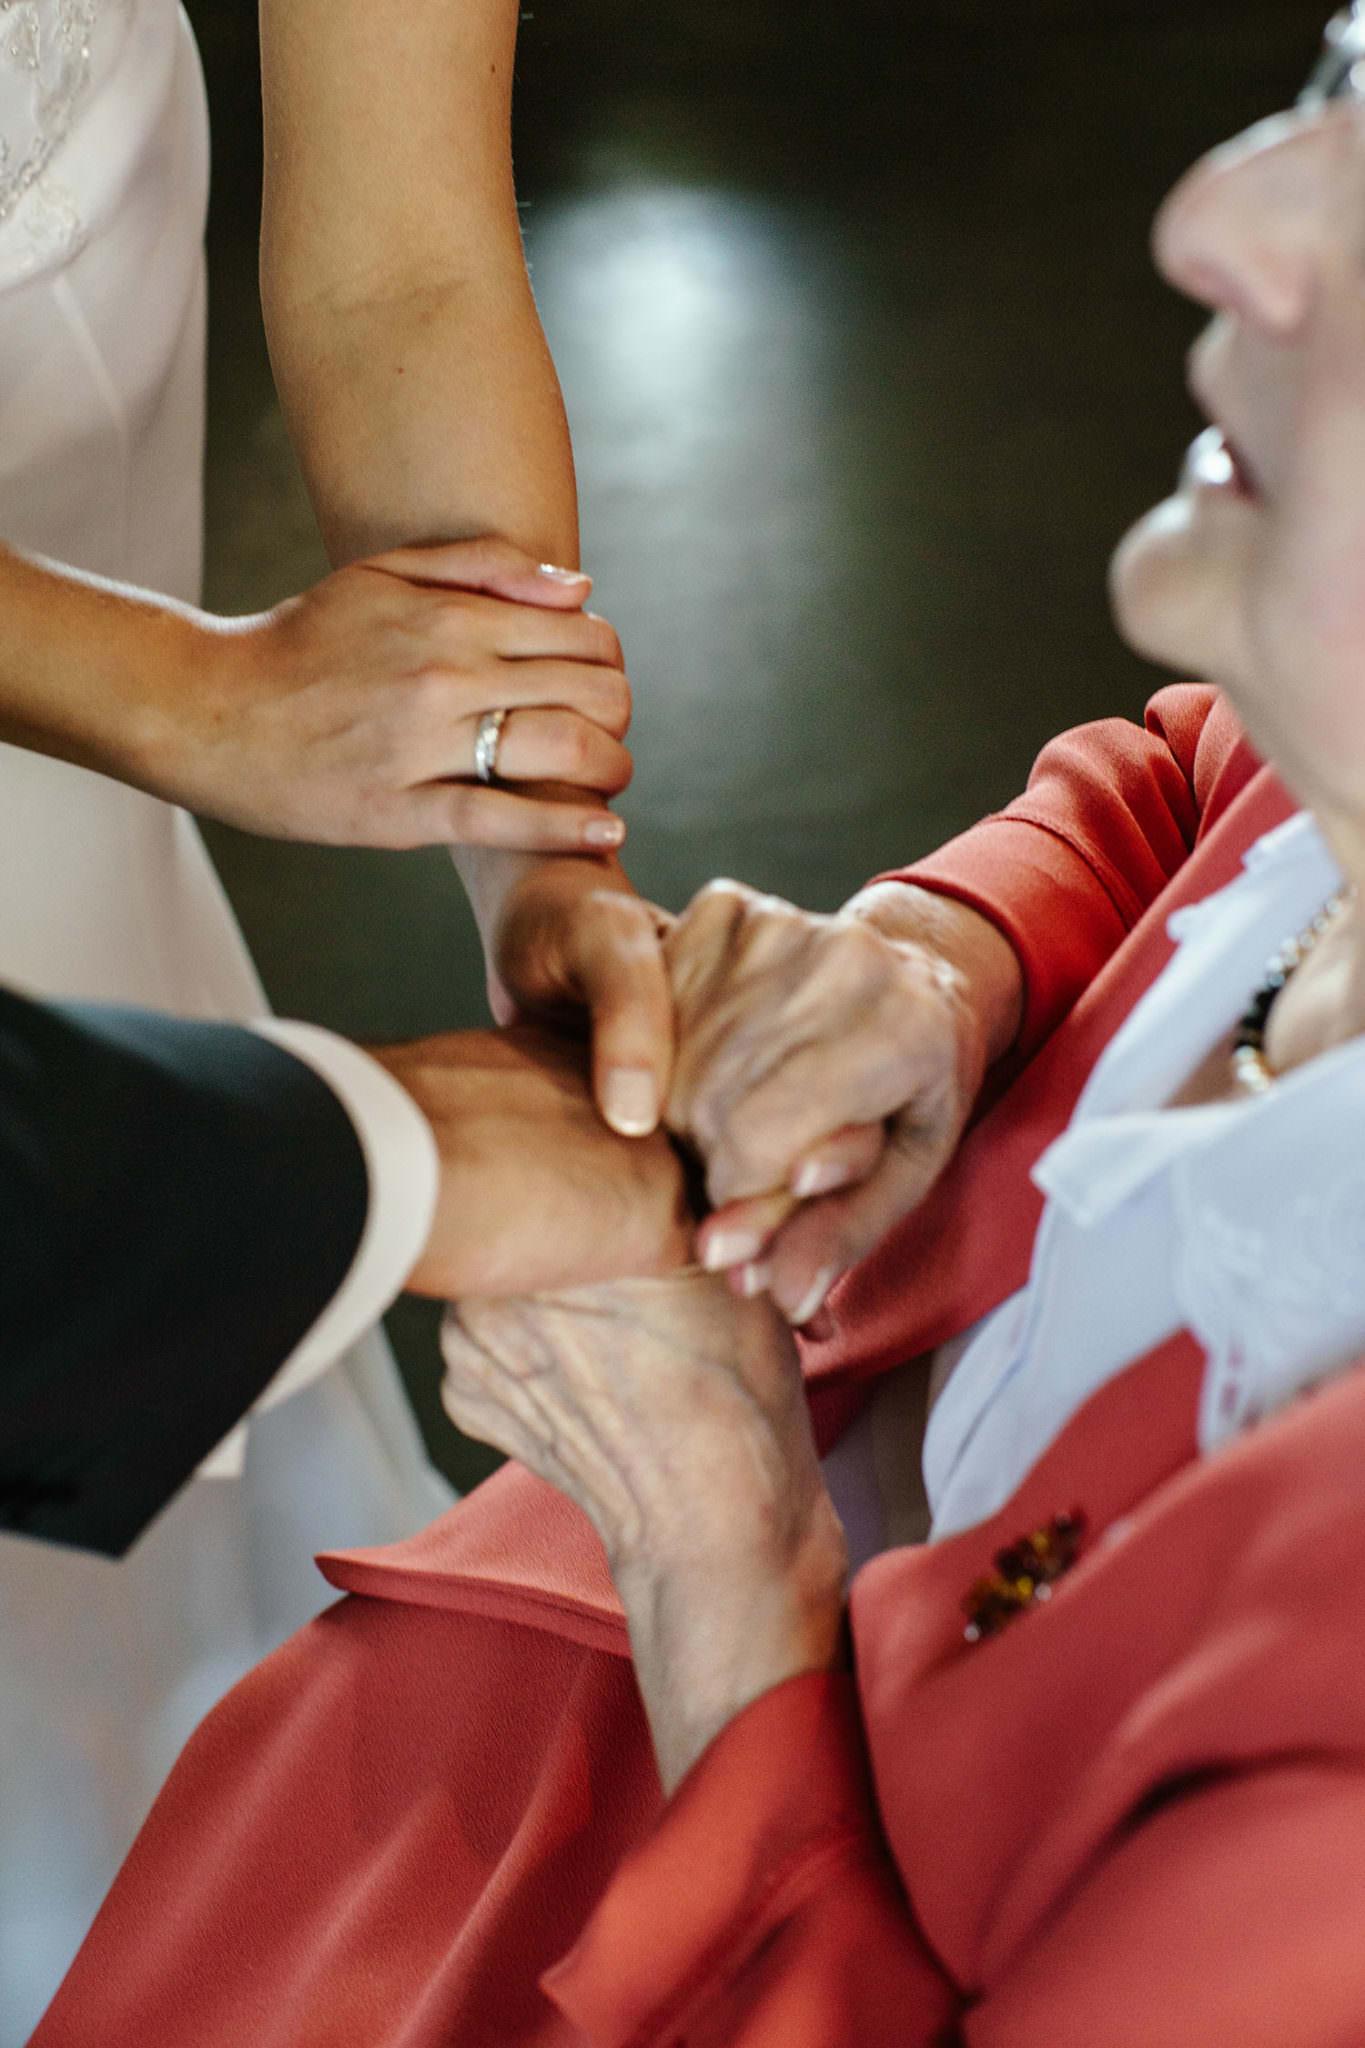 fotografie wesele browar obywatelski tychy 49 - Wesele w Browarze obywatelskim - OLA & IVO